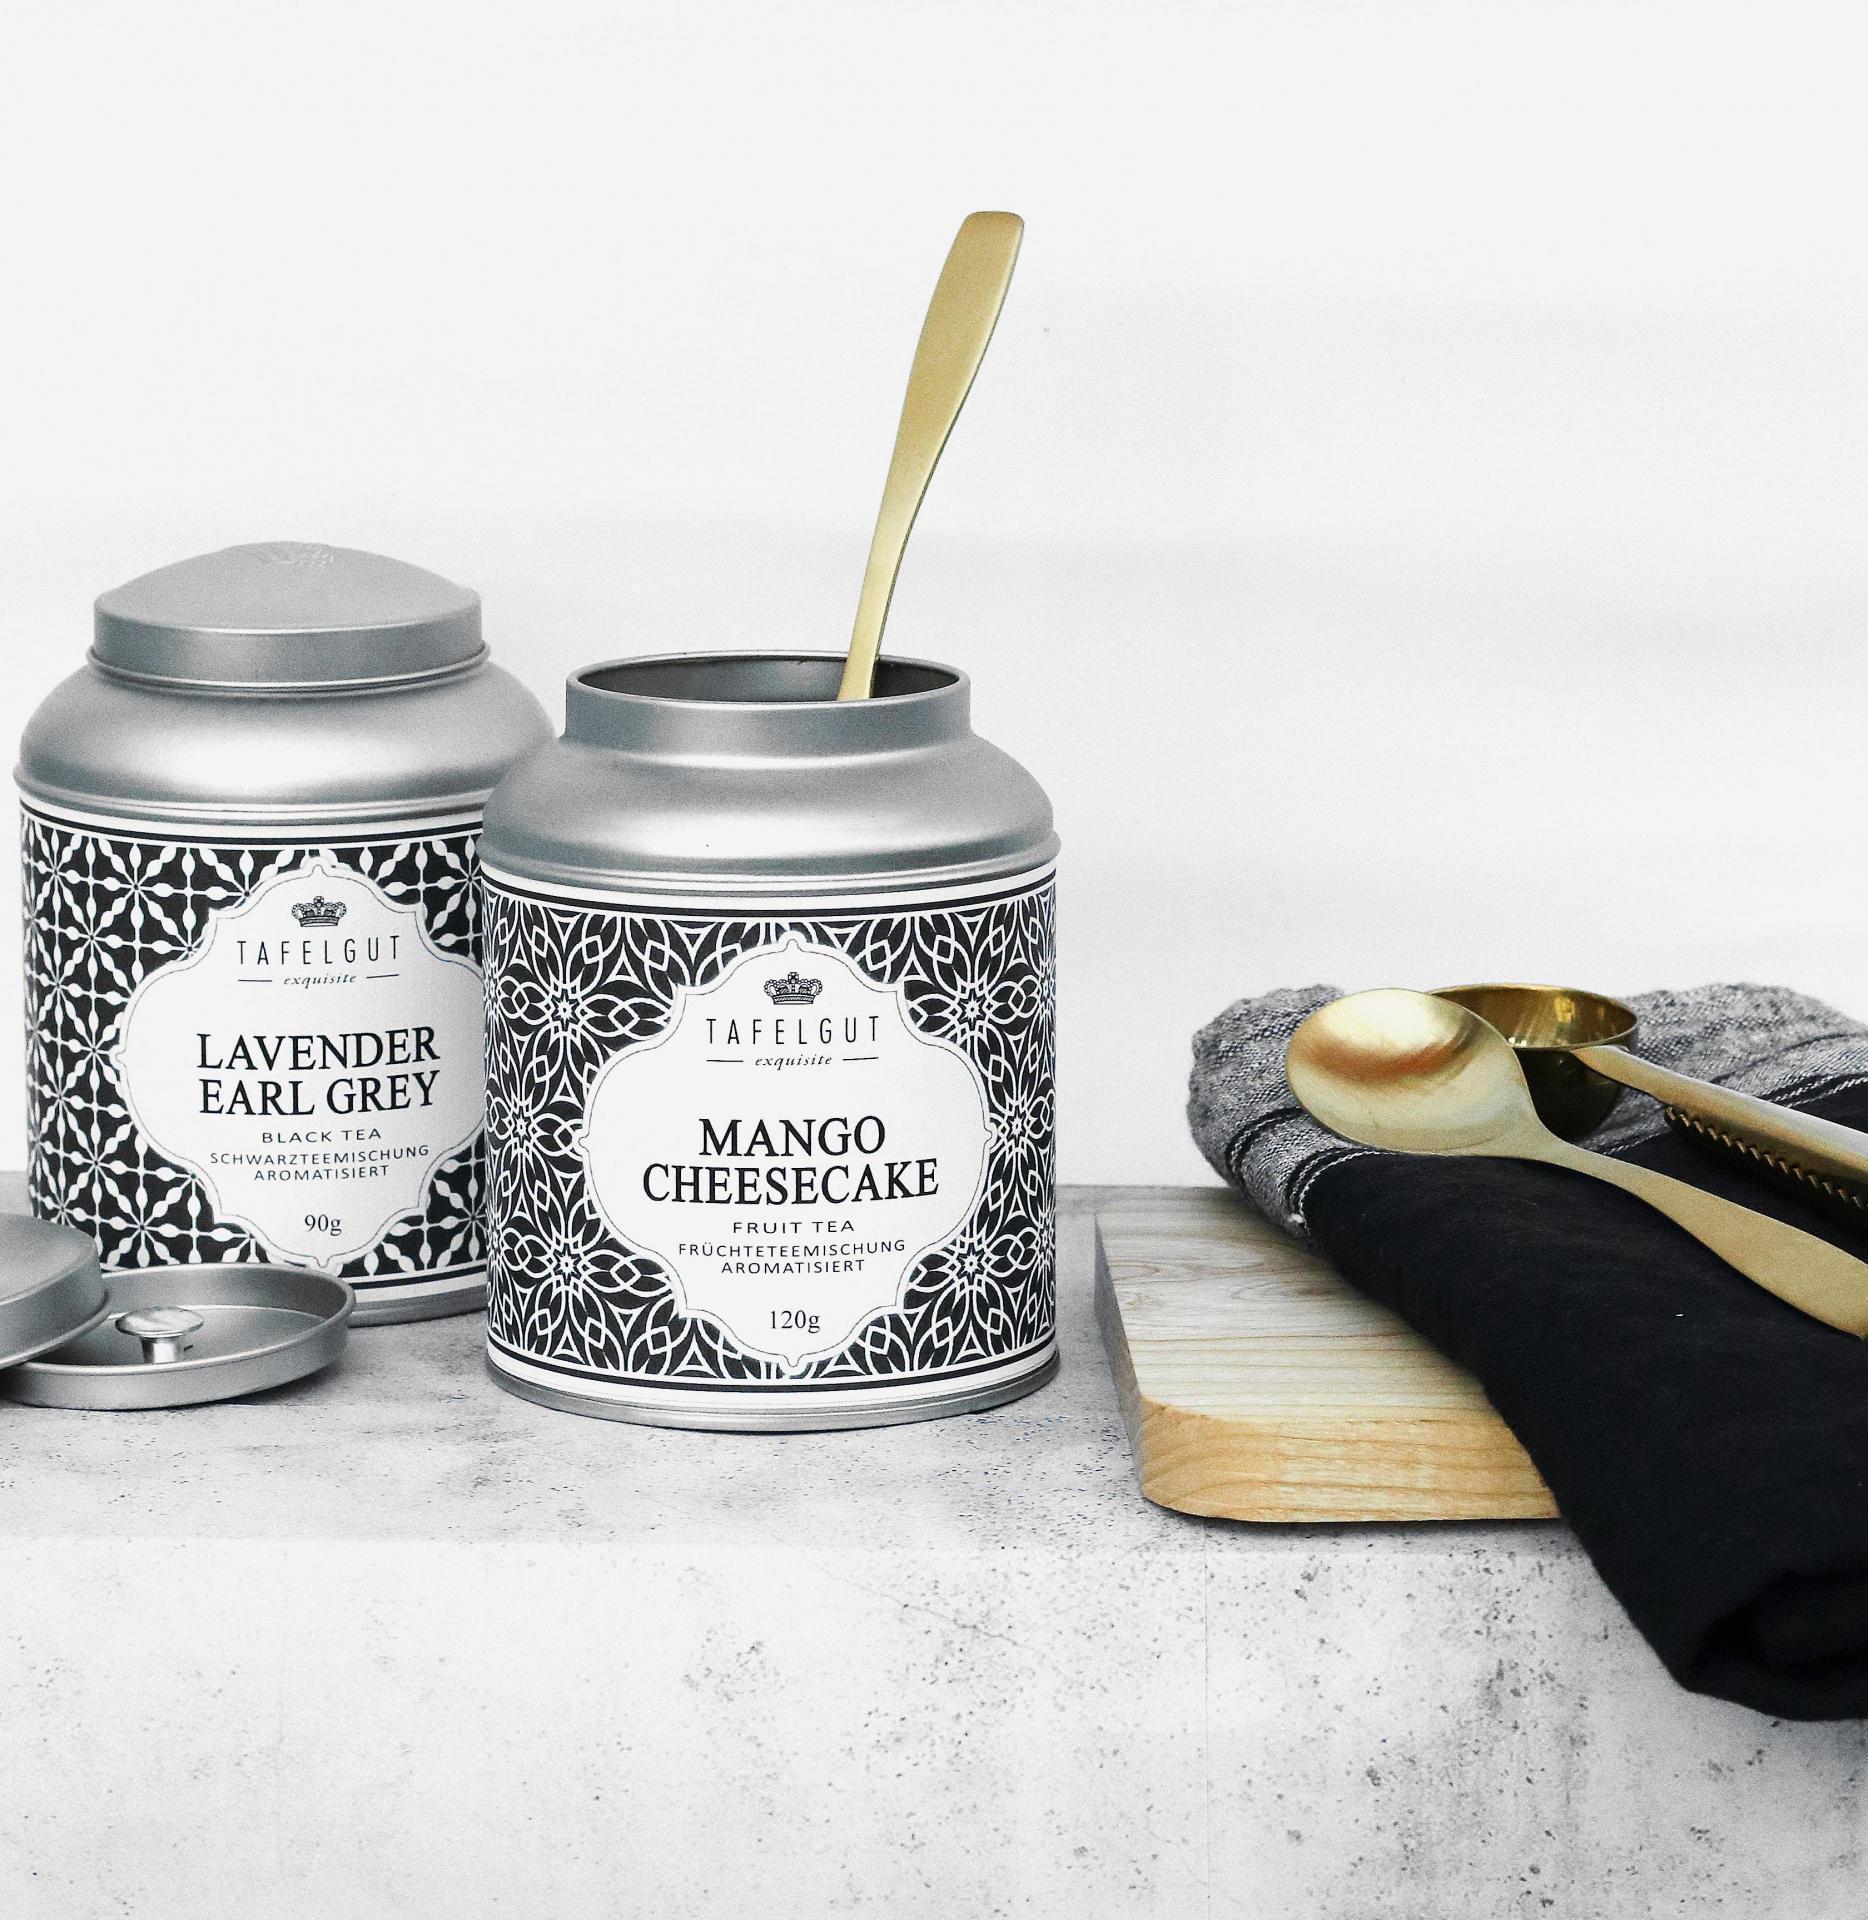 TAFELGUT Ovocný čaj Mango Cheesecake - 120gr